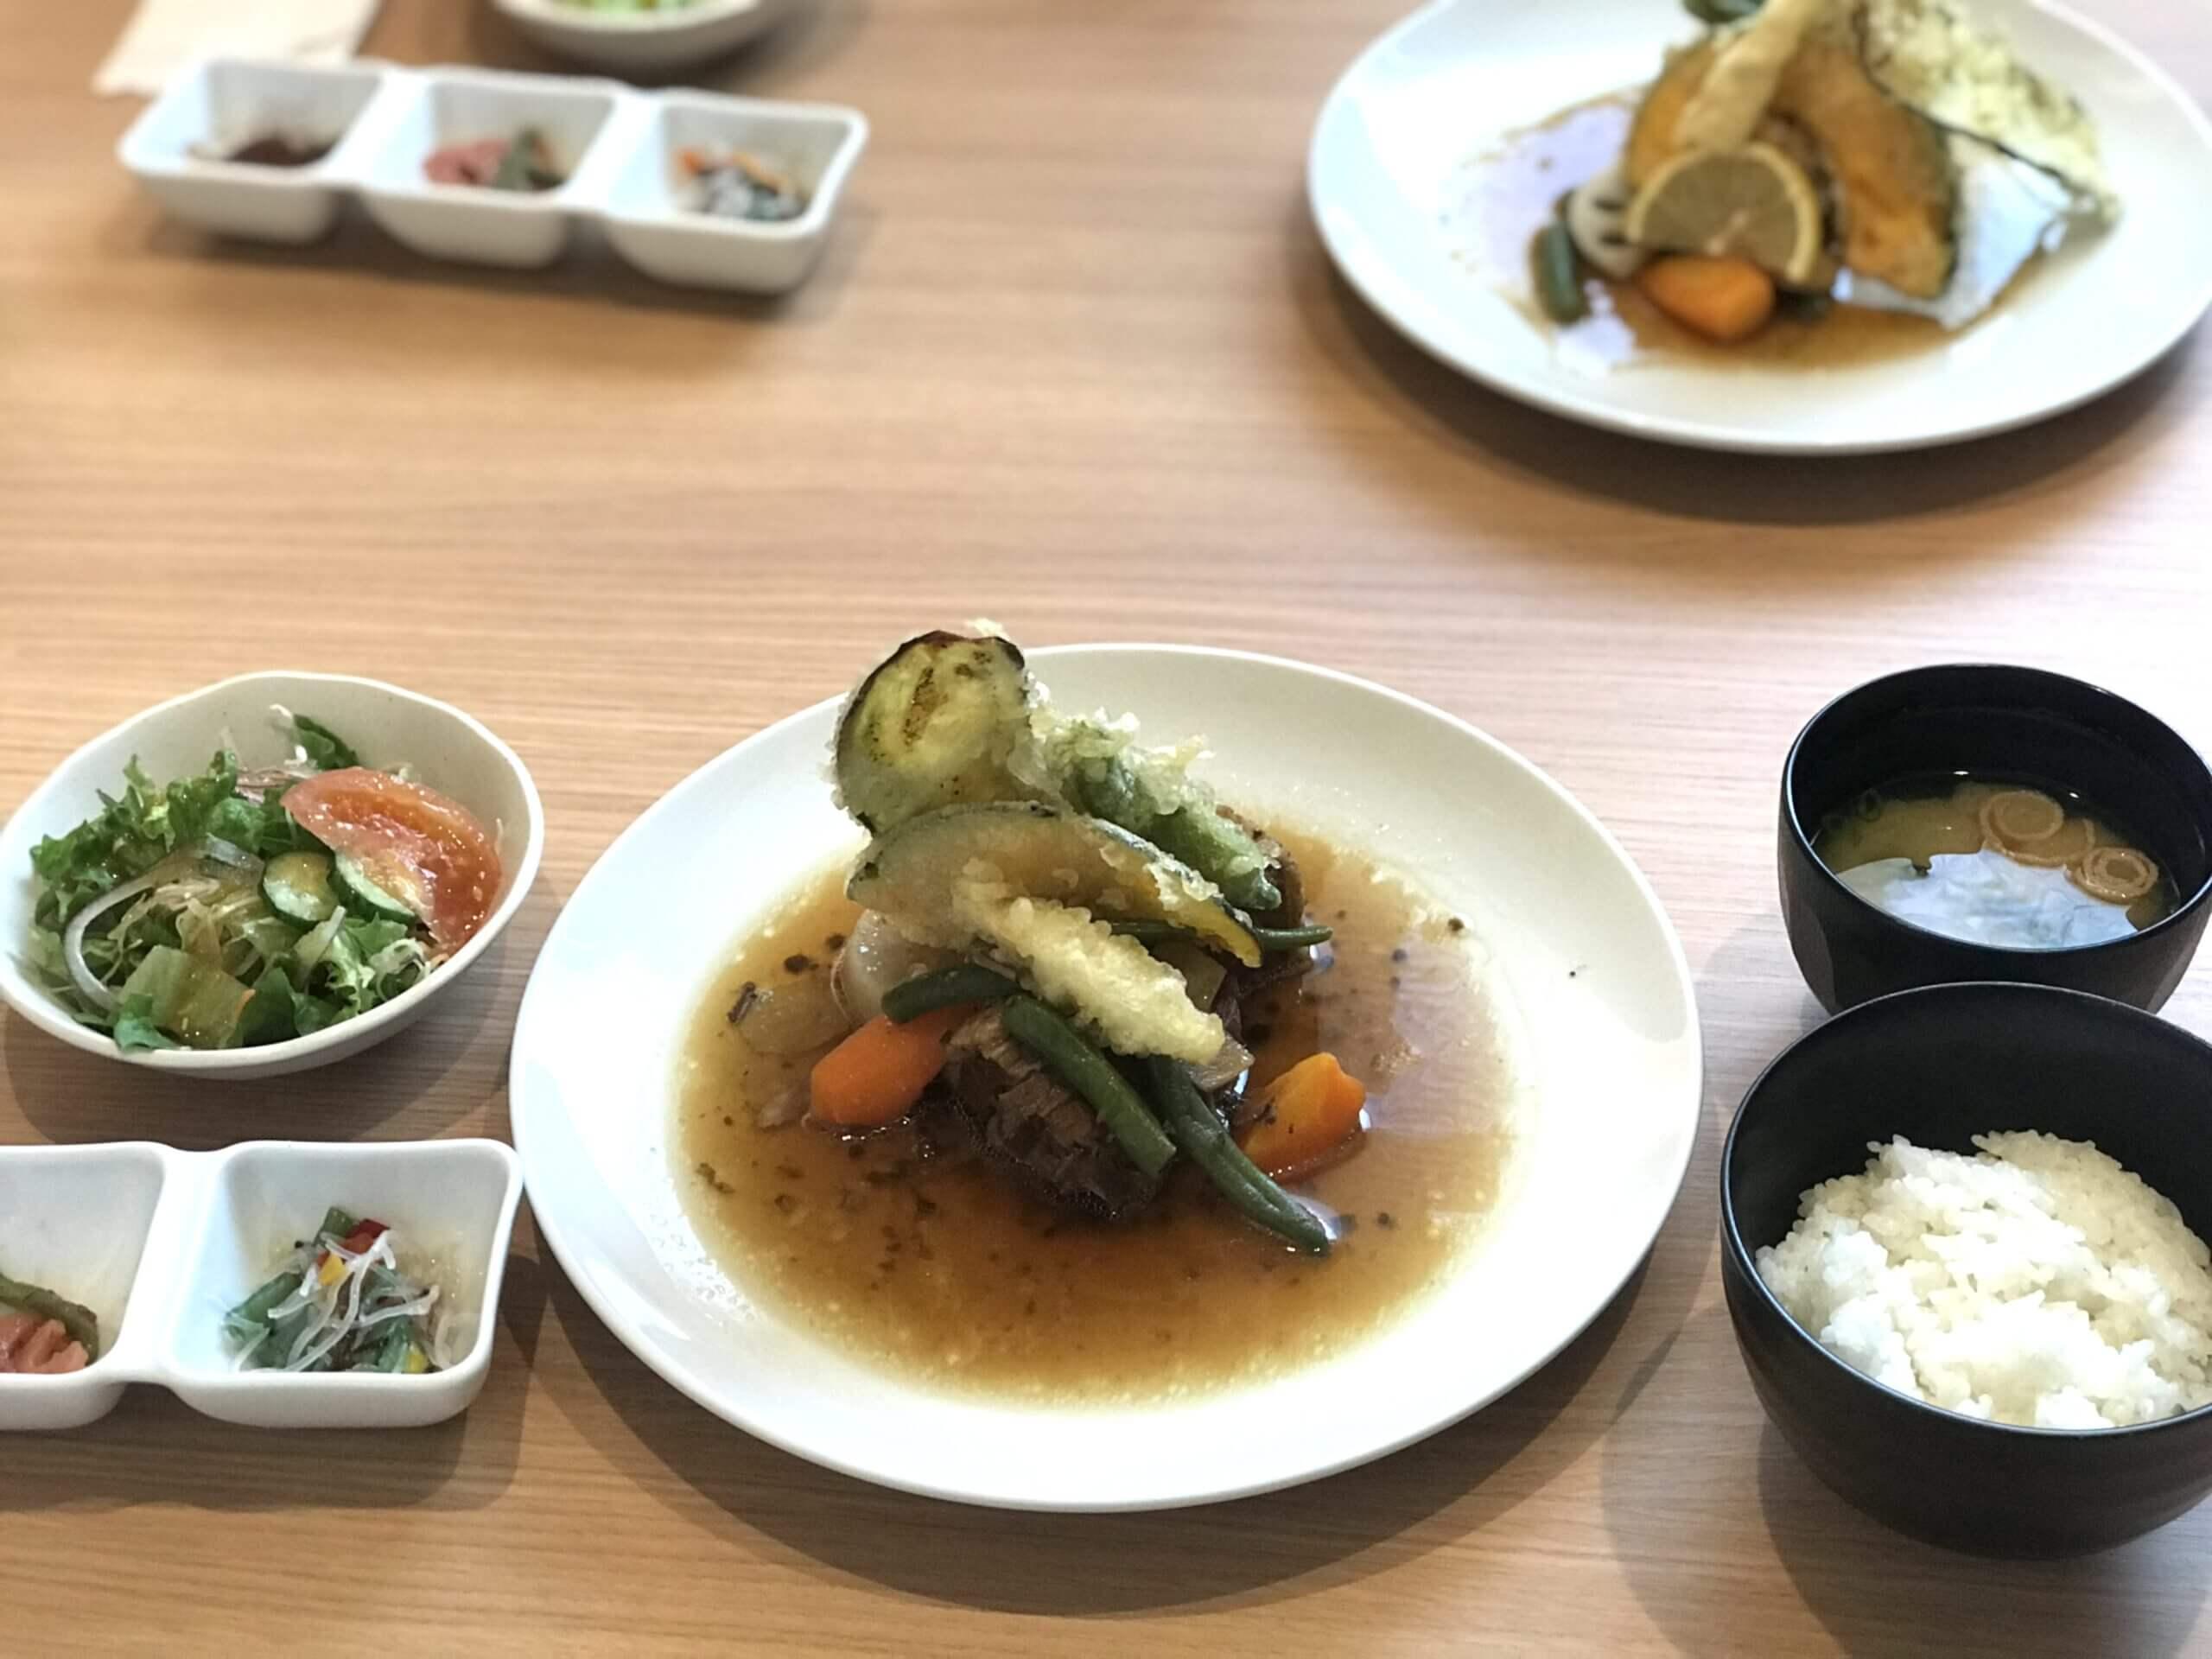 【Arot of Kitchen(アロットオブキッチン)】こだわりの素材と味付けが人気のお店 おしゃれな空間で食べる美味しいランチ (熊本市東区小峯)